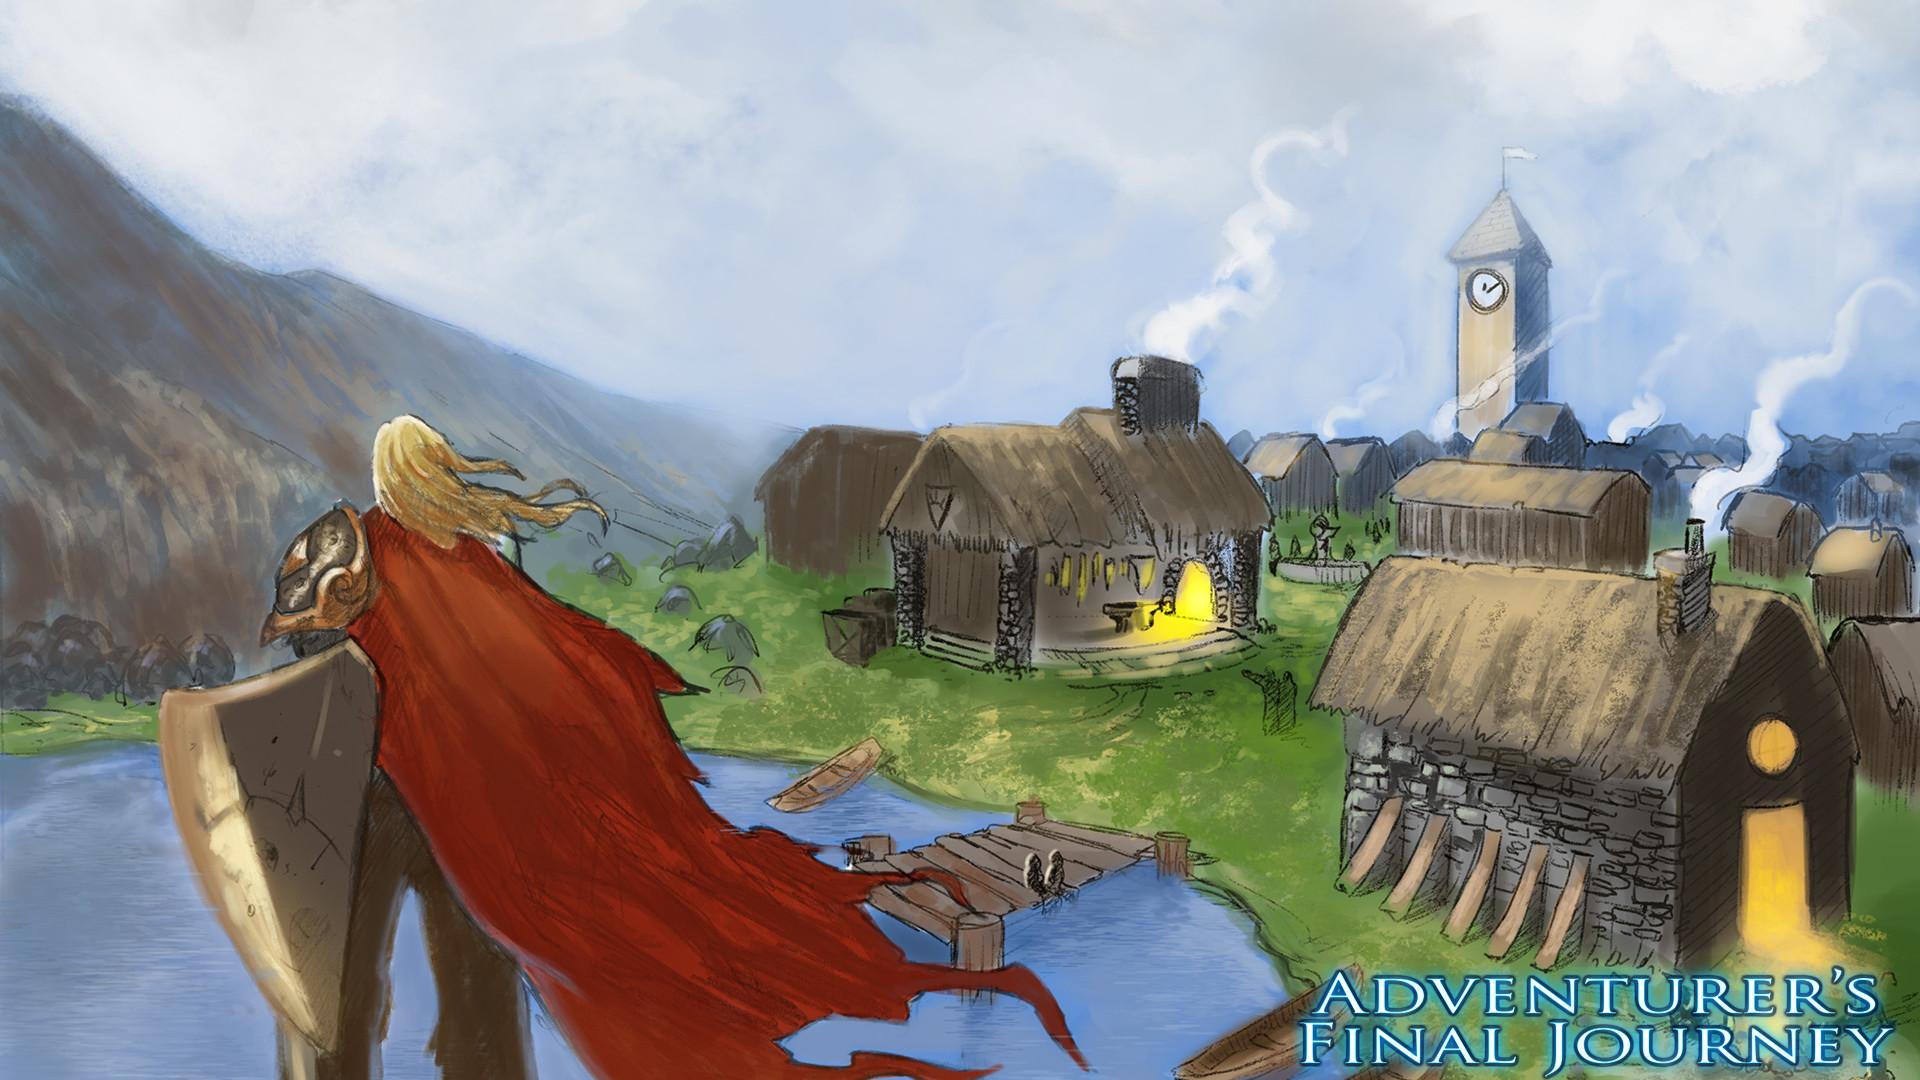 RPG Maker VX Ace - Adventurer's Final Journey screenshot